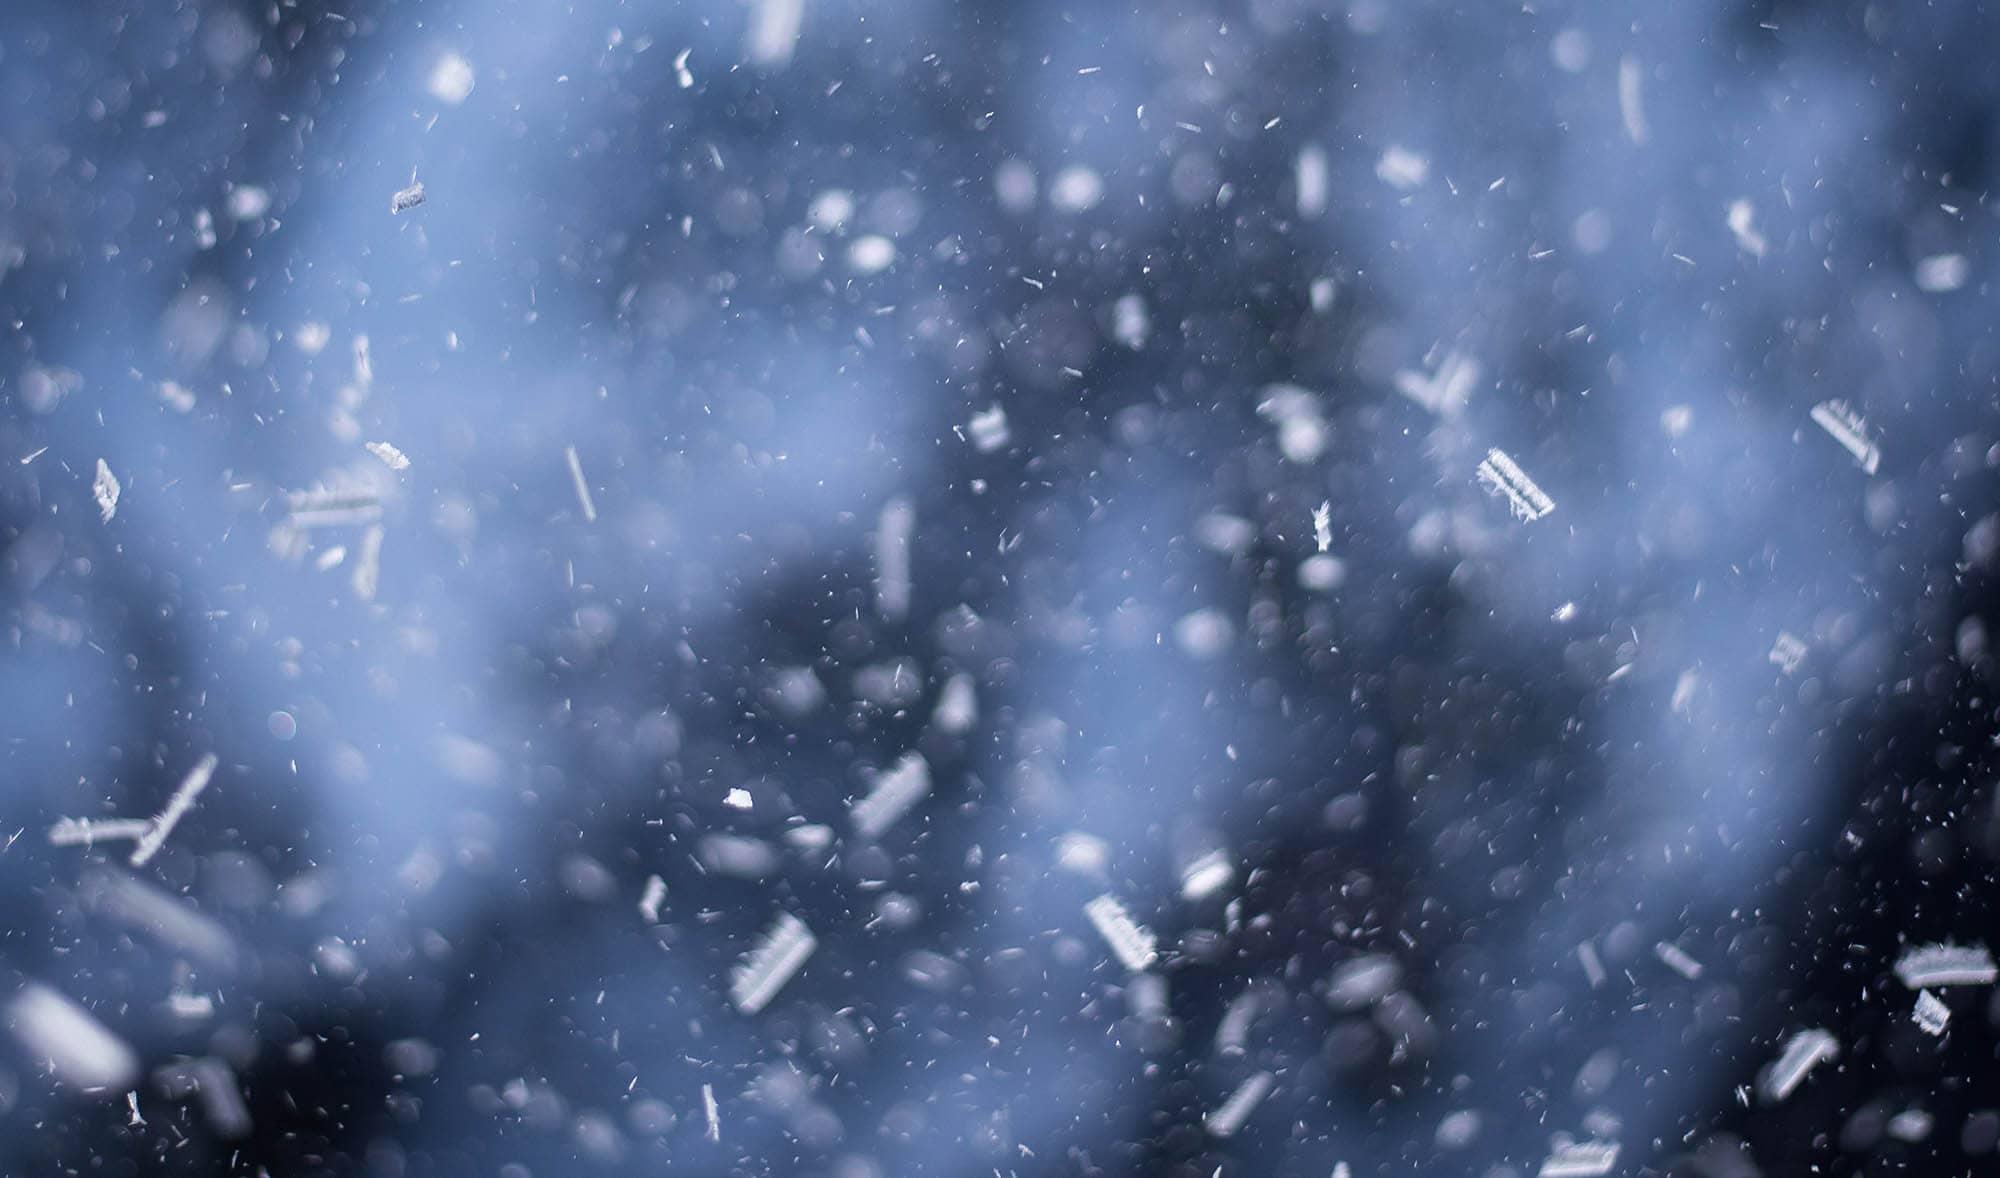 Winter Bucket List Ideas 50 Things to do in Winter • Choosing Figs